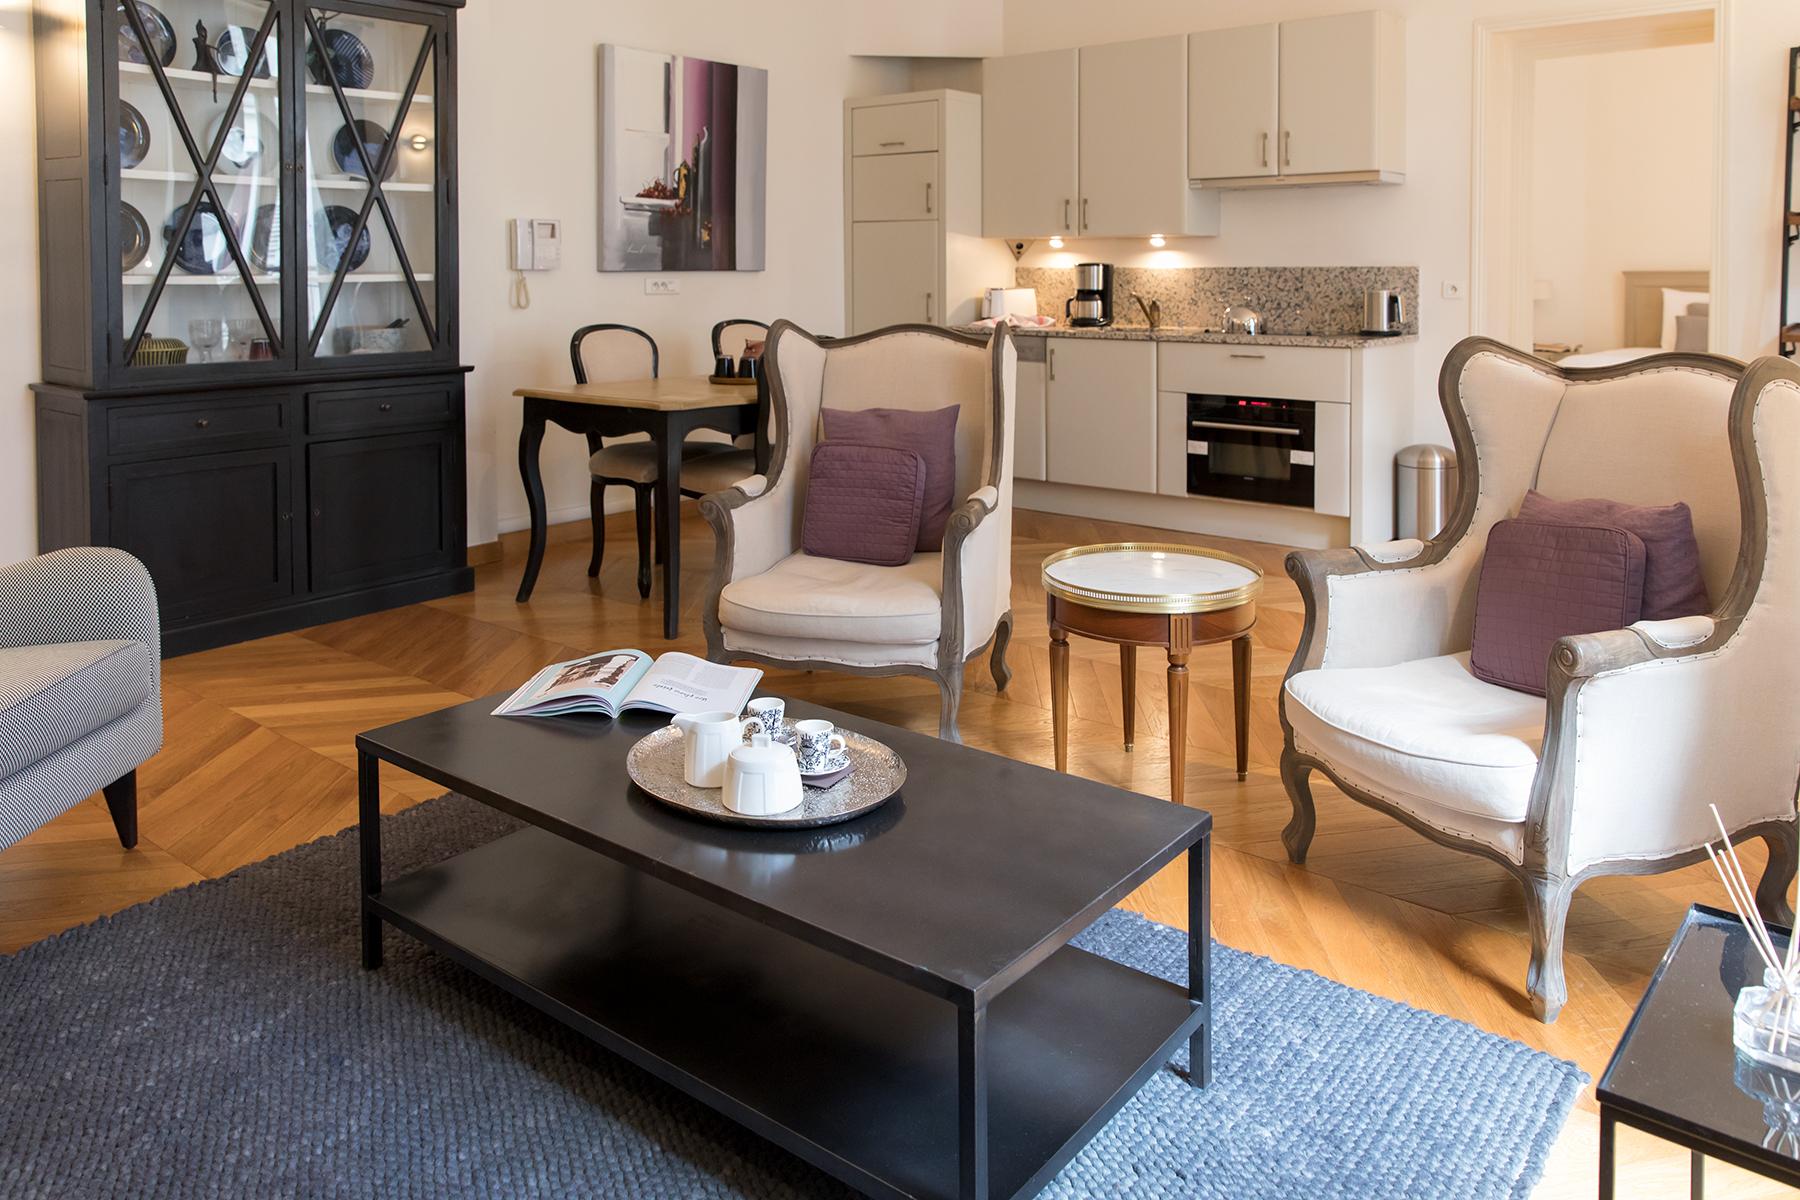 Cosy seats at Apartment Monceau Chic, 9th Arr, Paris